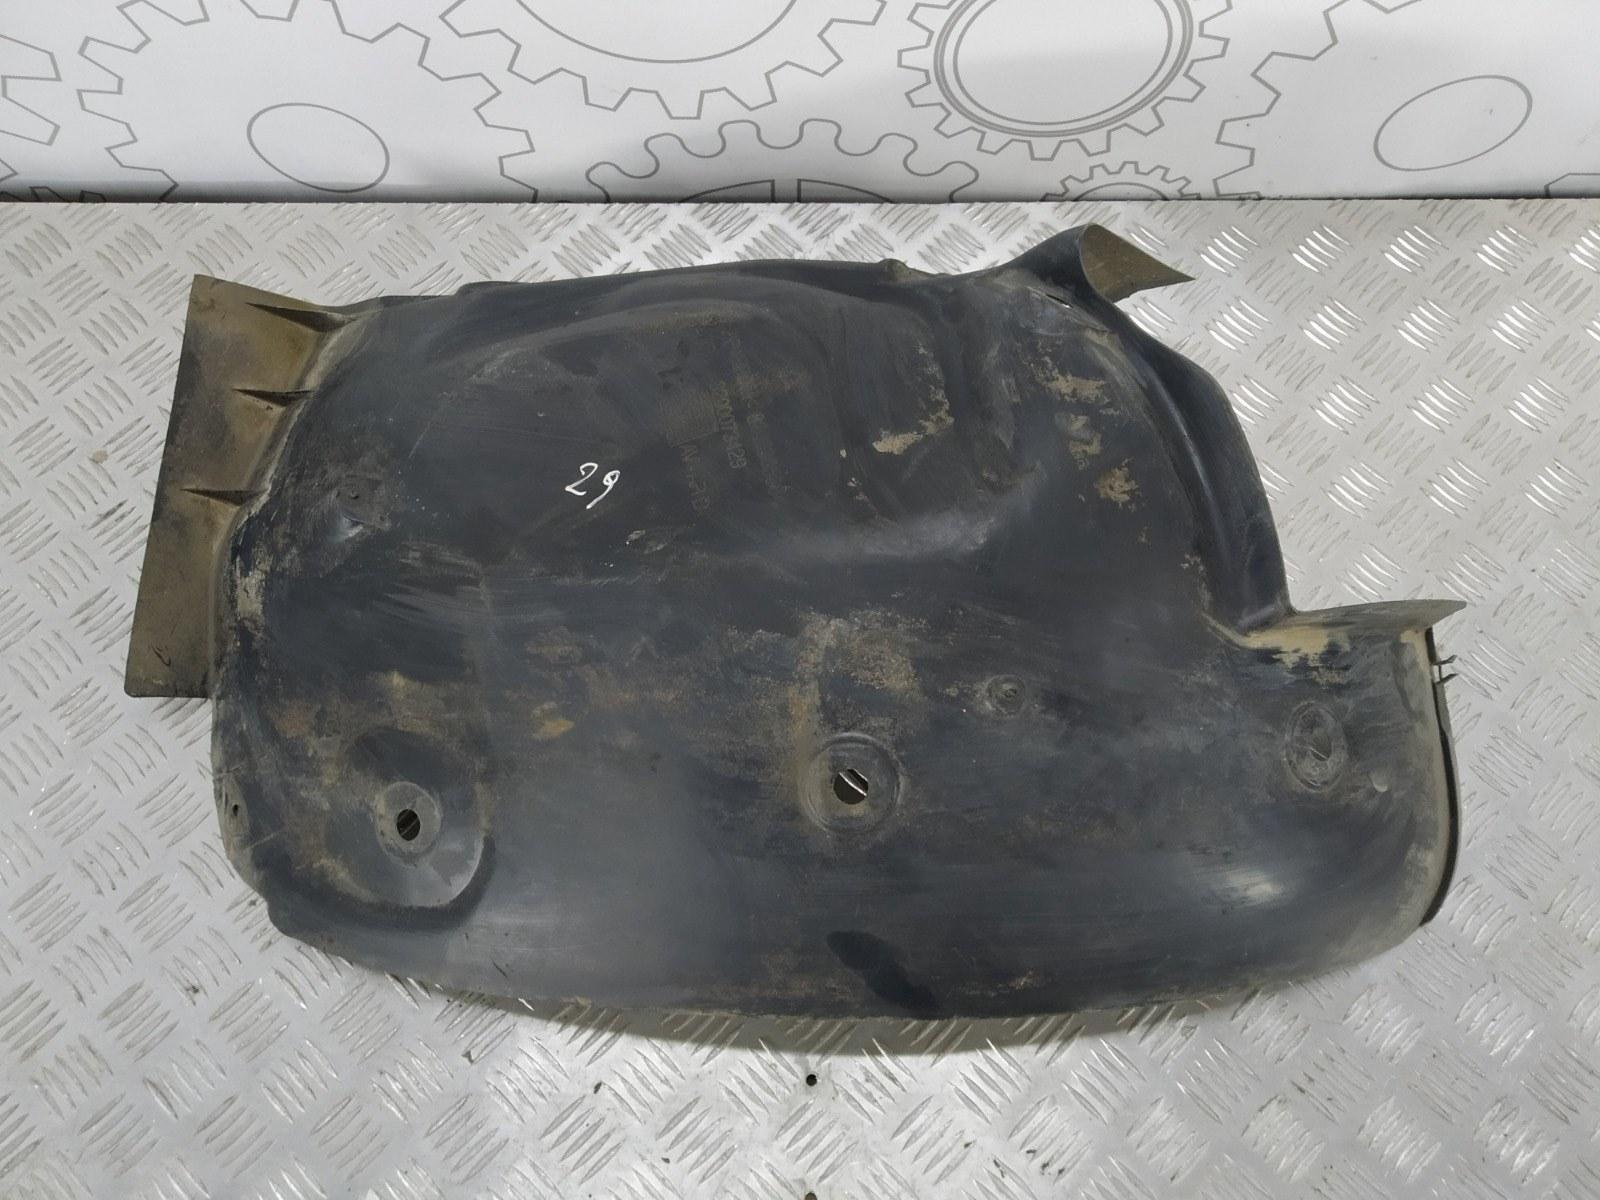 Защита арок передняя правая (подкрылок) Renault Megane 1.6 I 2005 (б/у)